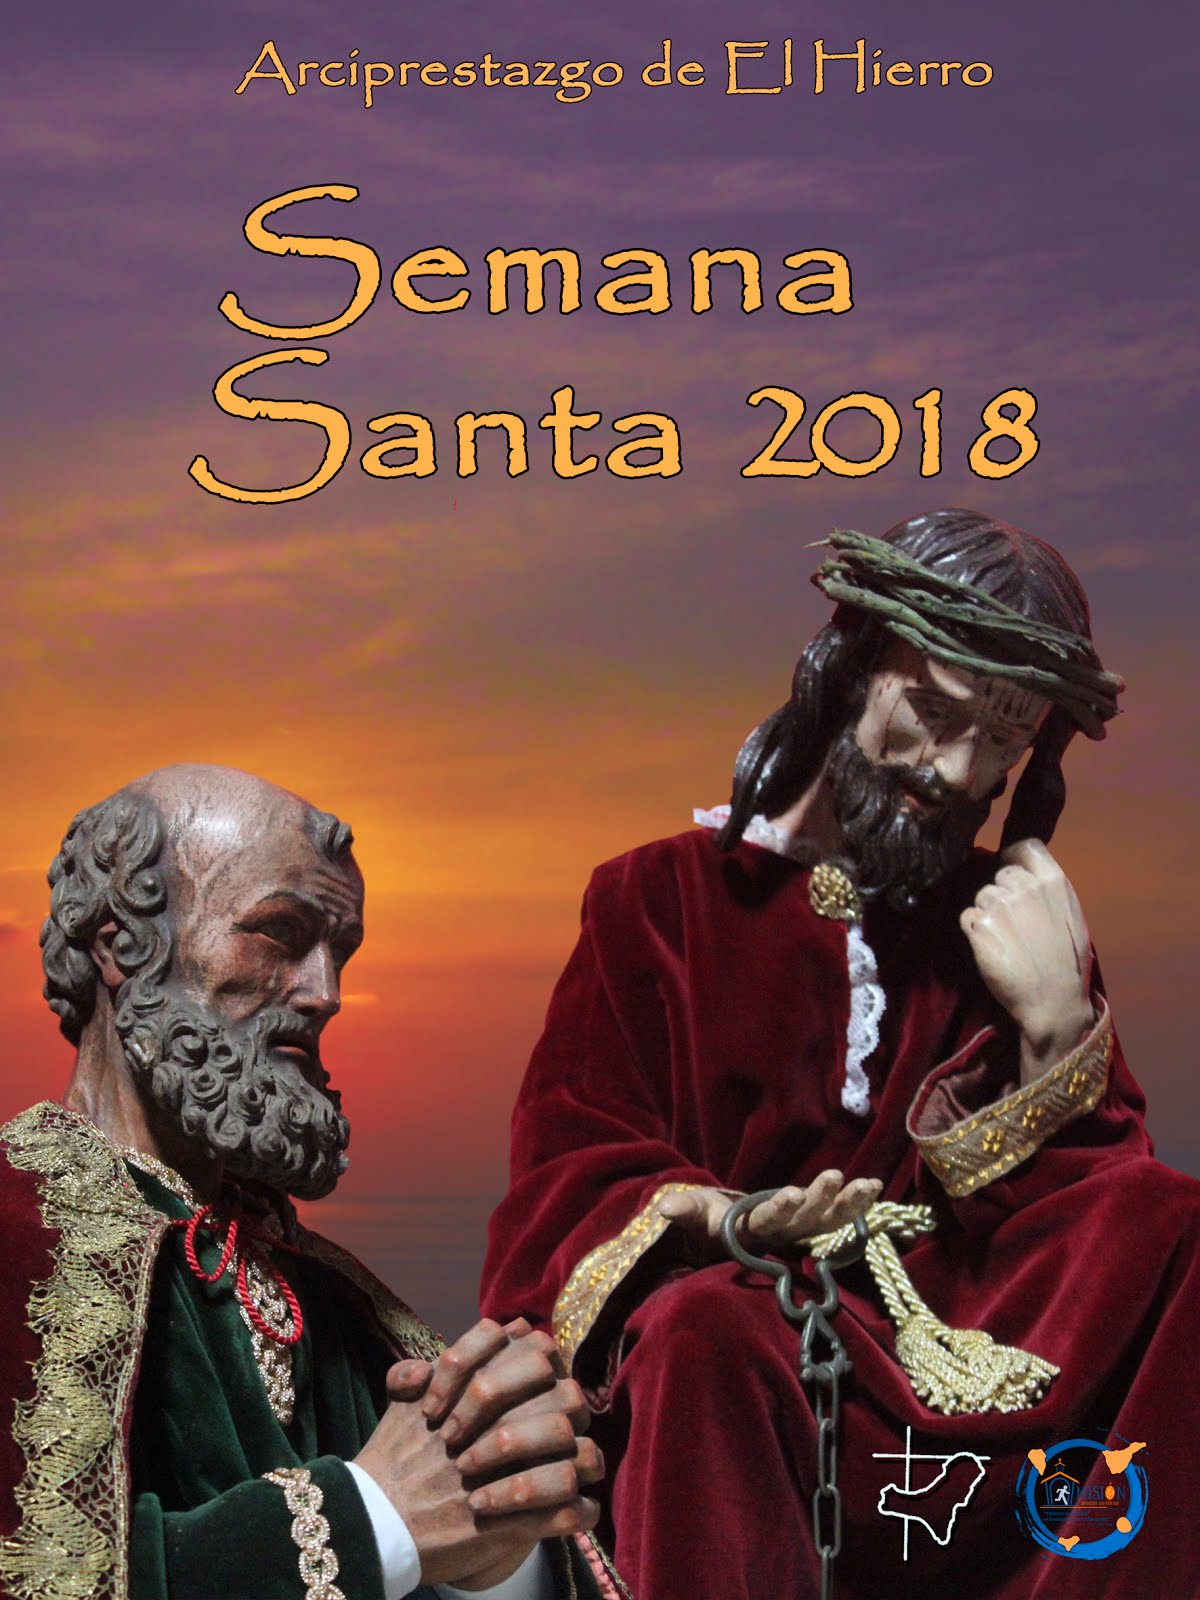 Programa de Semana Santa 2018. Pincha en el cartel